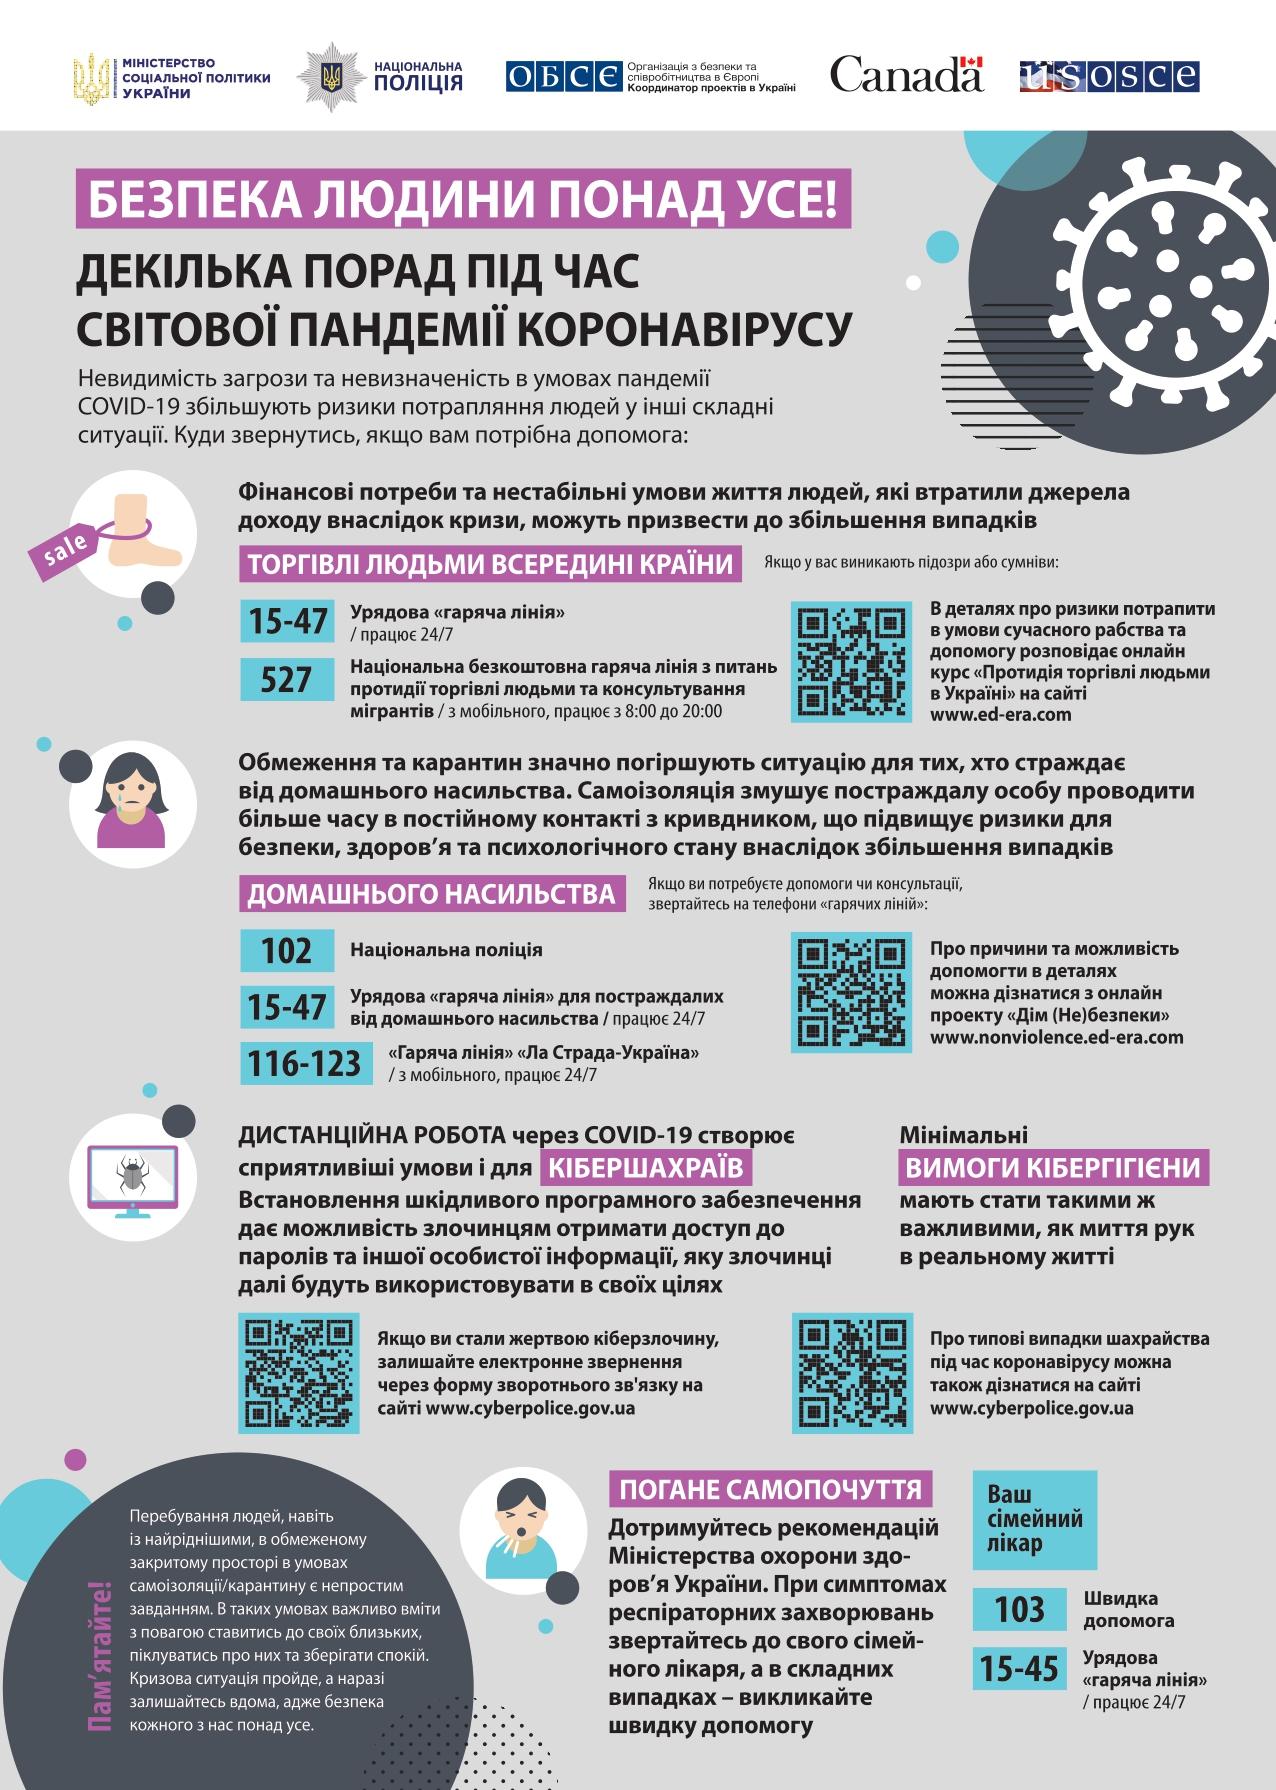 http://plsz.gov.ua/img/bezpeka.jpg